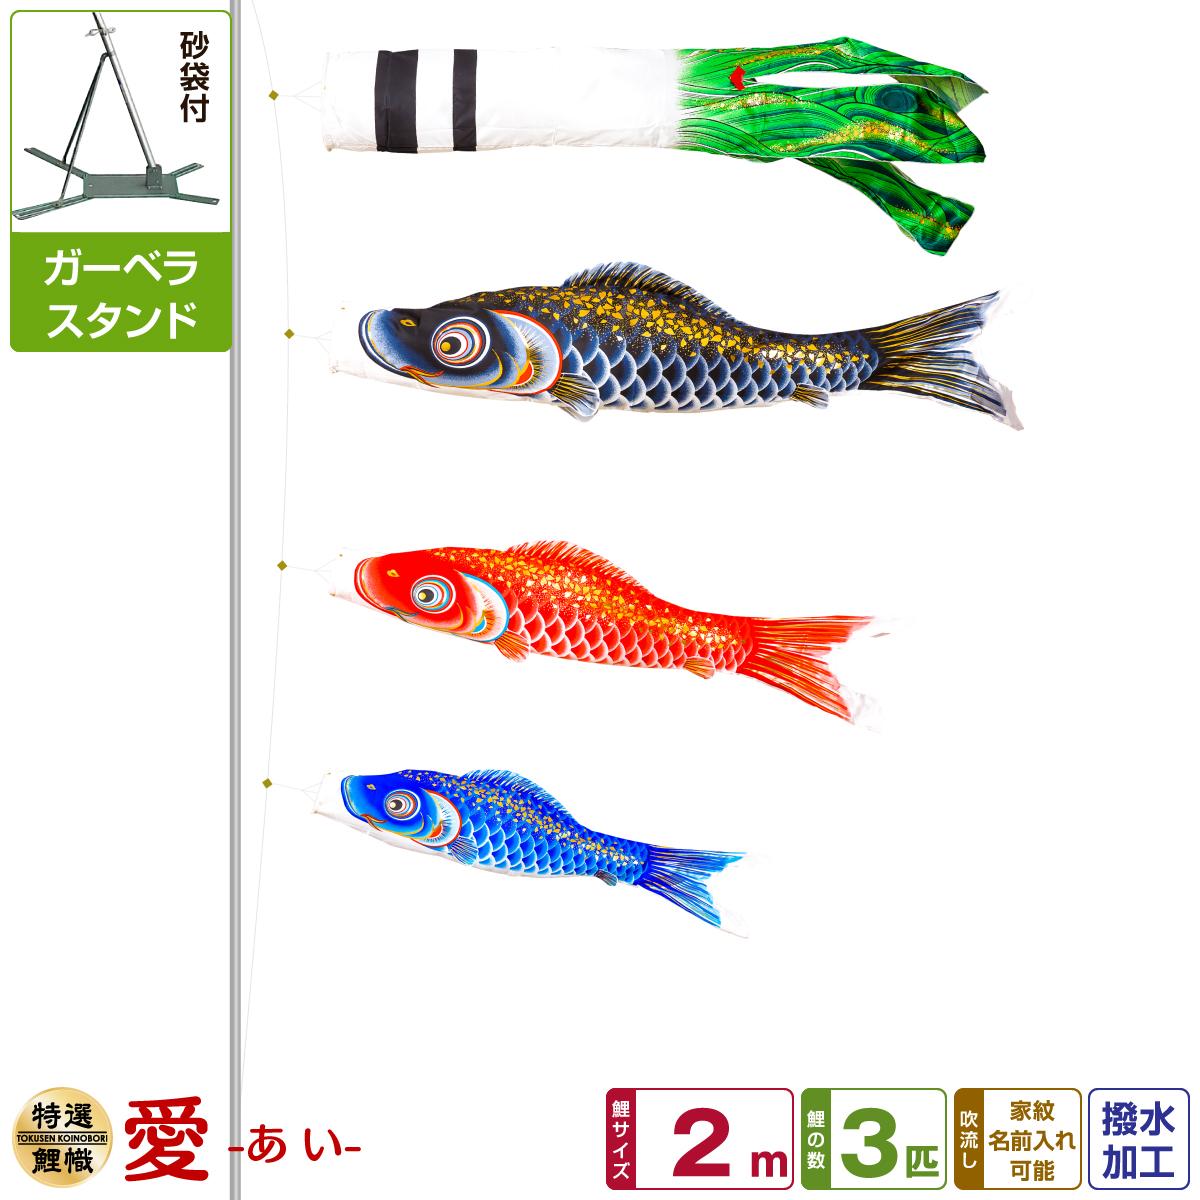 ベランダ用 こいのぼり 鯉のぼり 愛 2m 6点(吹流し+鯉3匹+矢車+ロープ)/ガーベラセット(庭・ベランダ兼用スタンド)